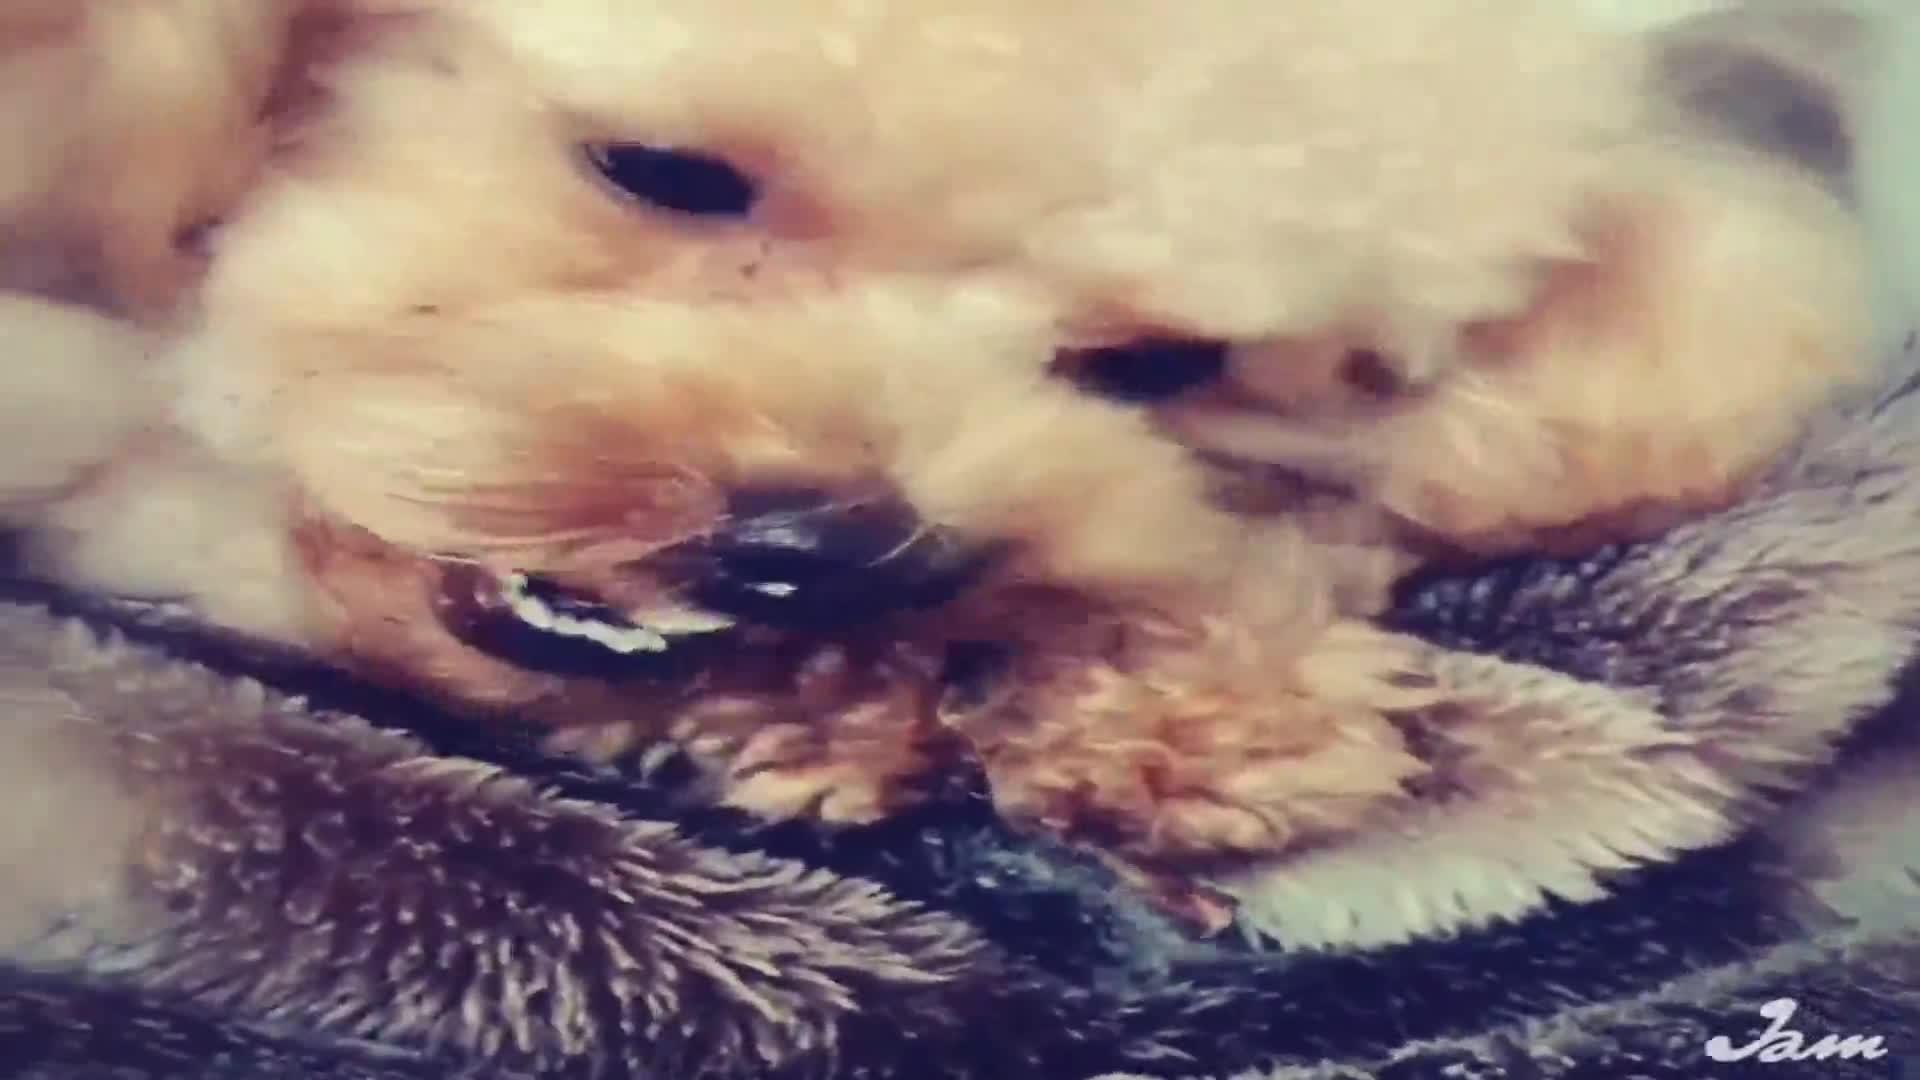 UGペット 純国産 無添加犬用おやつ 猪 肉付きあばら 40g動画1